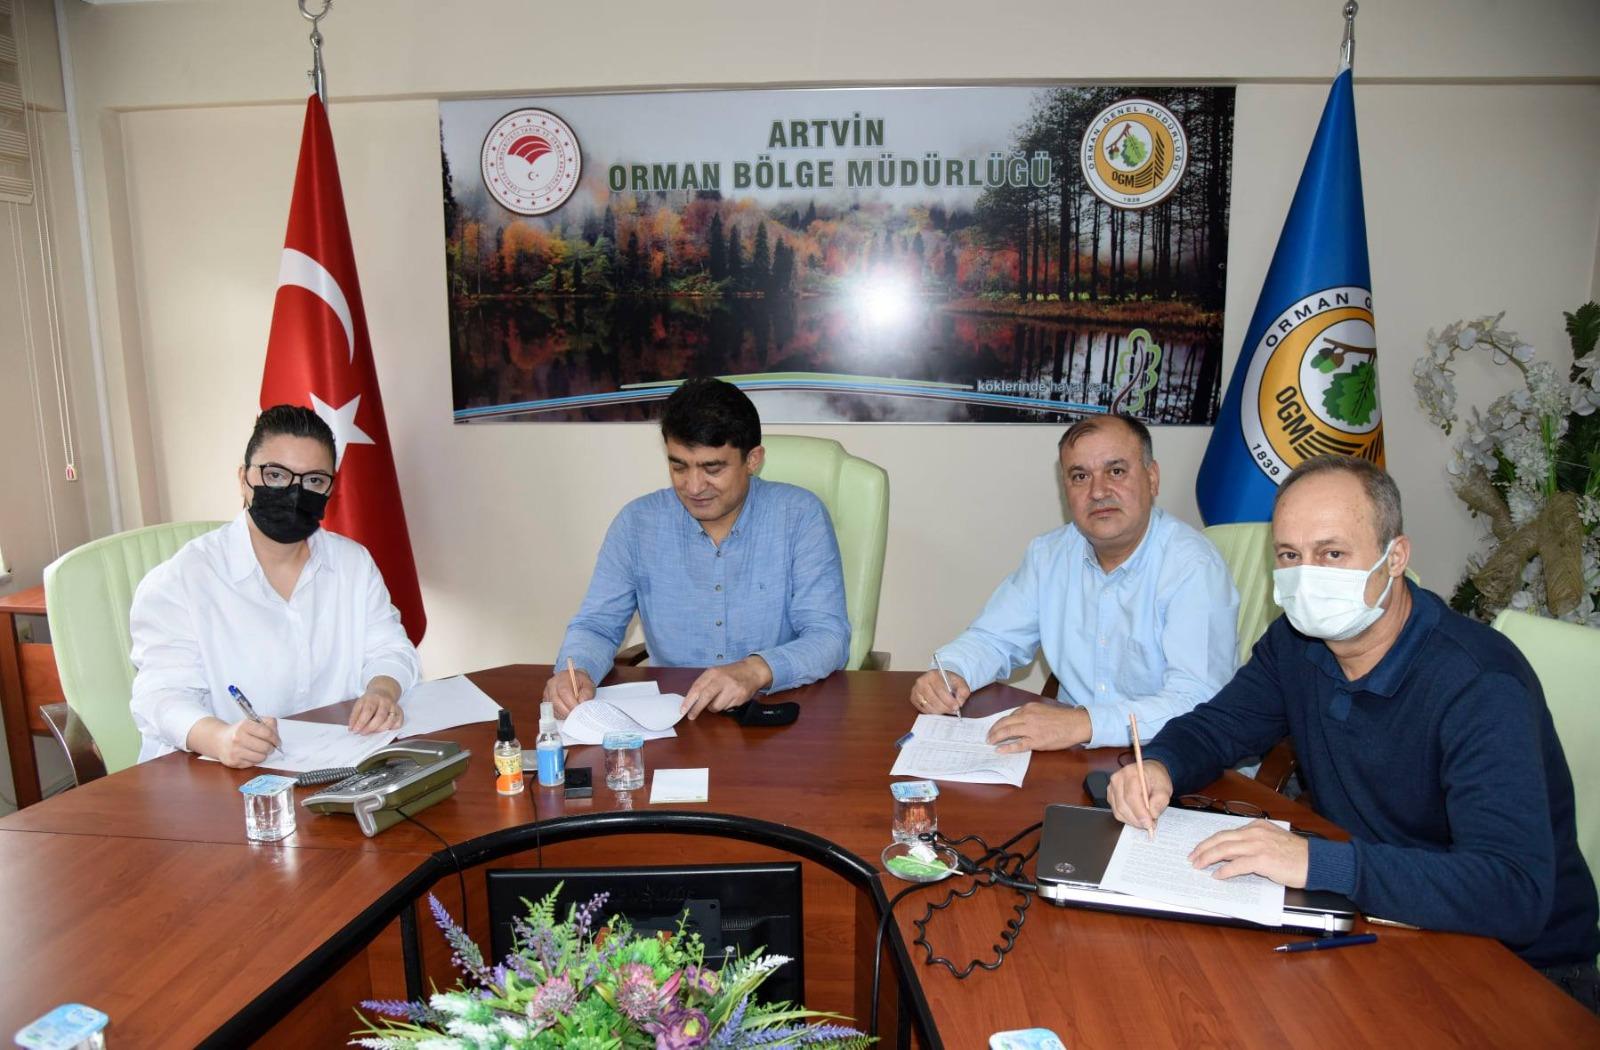 Türkiye'de Amenajman Plan Yapımı İlk Defa Kadın Başmühendis Tarafından Artvin'de Gerçekleştiriliyor